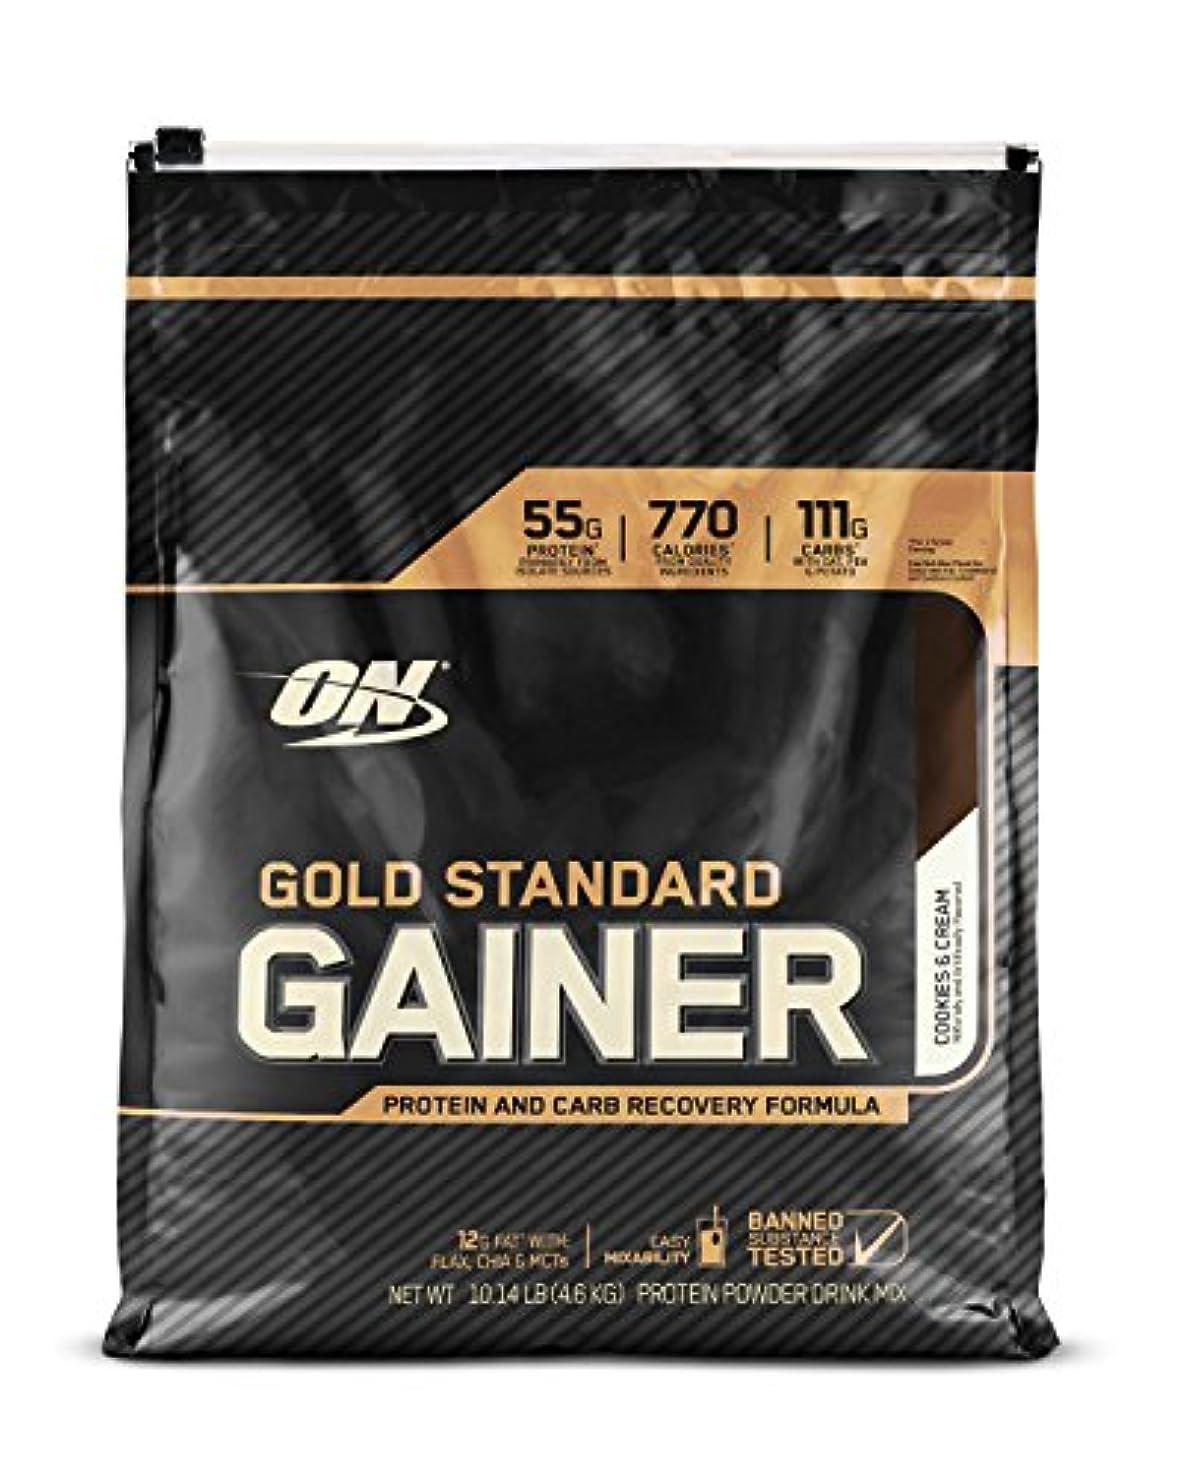 滑りやすい贅沢冬ゴールドスタンダード ゲイナー 10LB クッキークリーム (Gold Standard Gainer 10LB Cookies & Cream) [海外直送品]